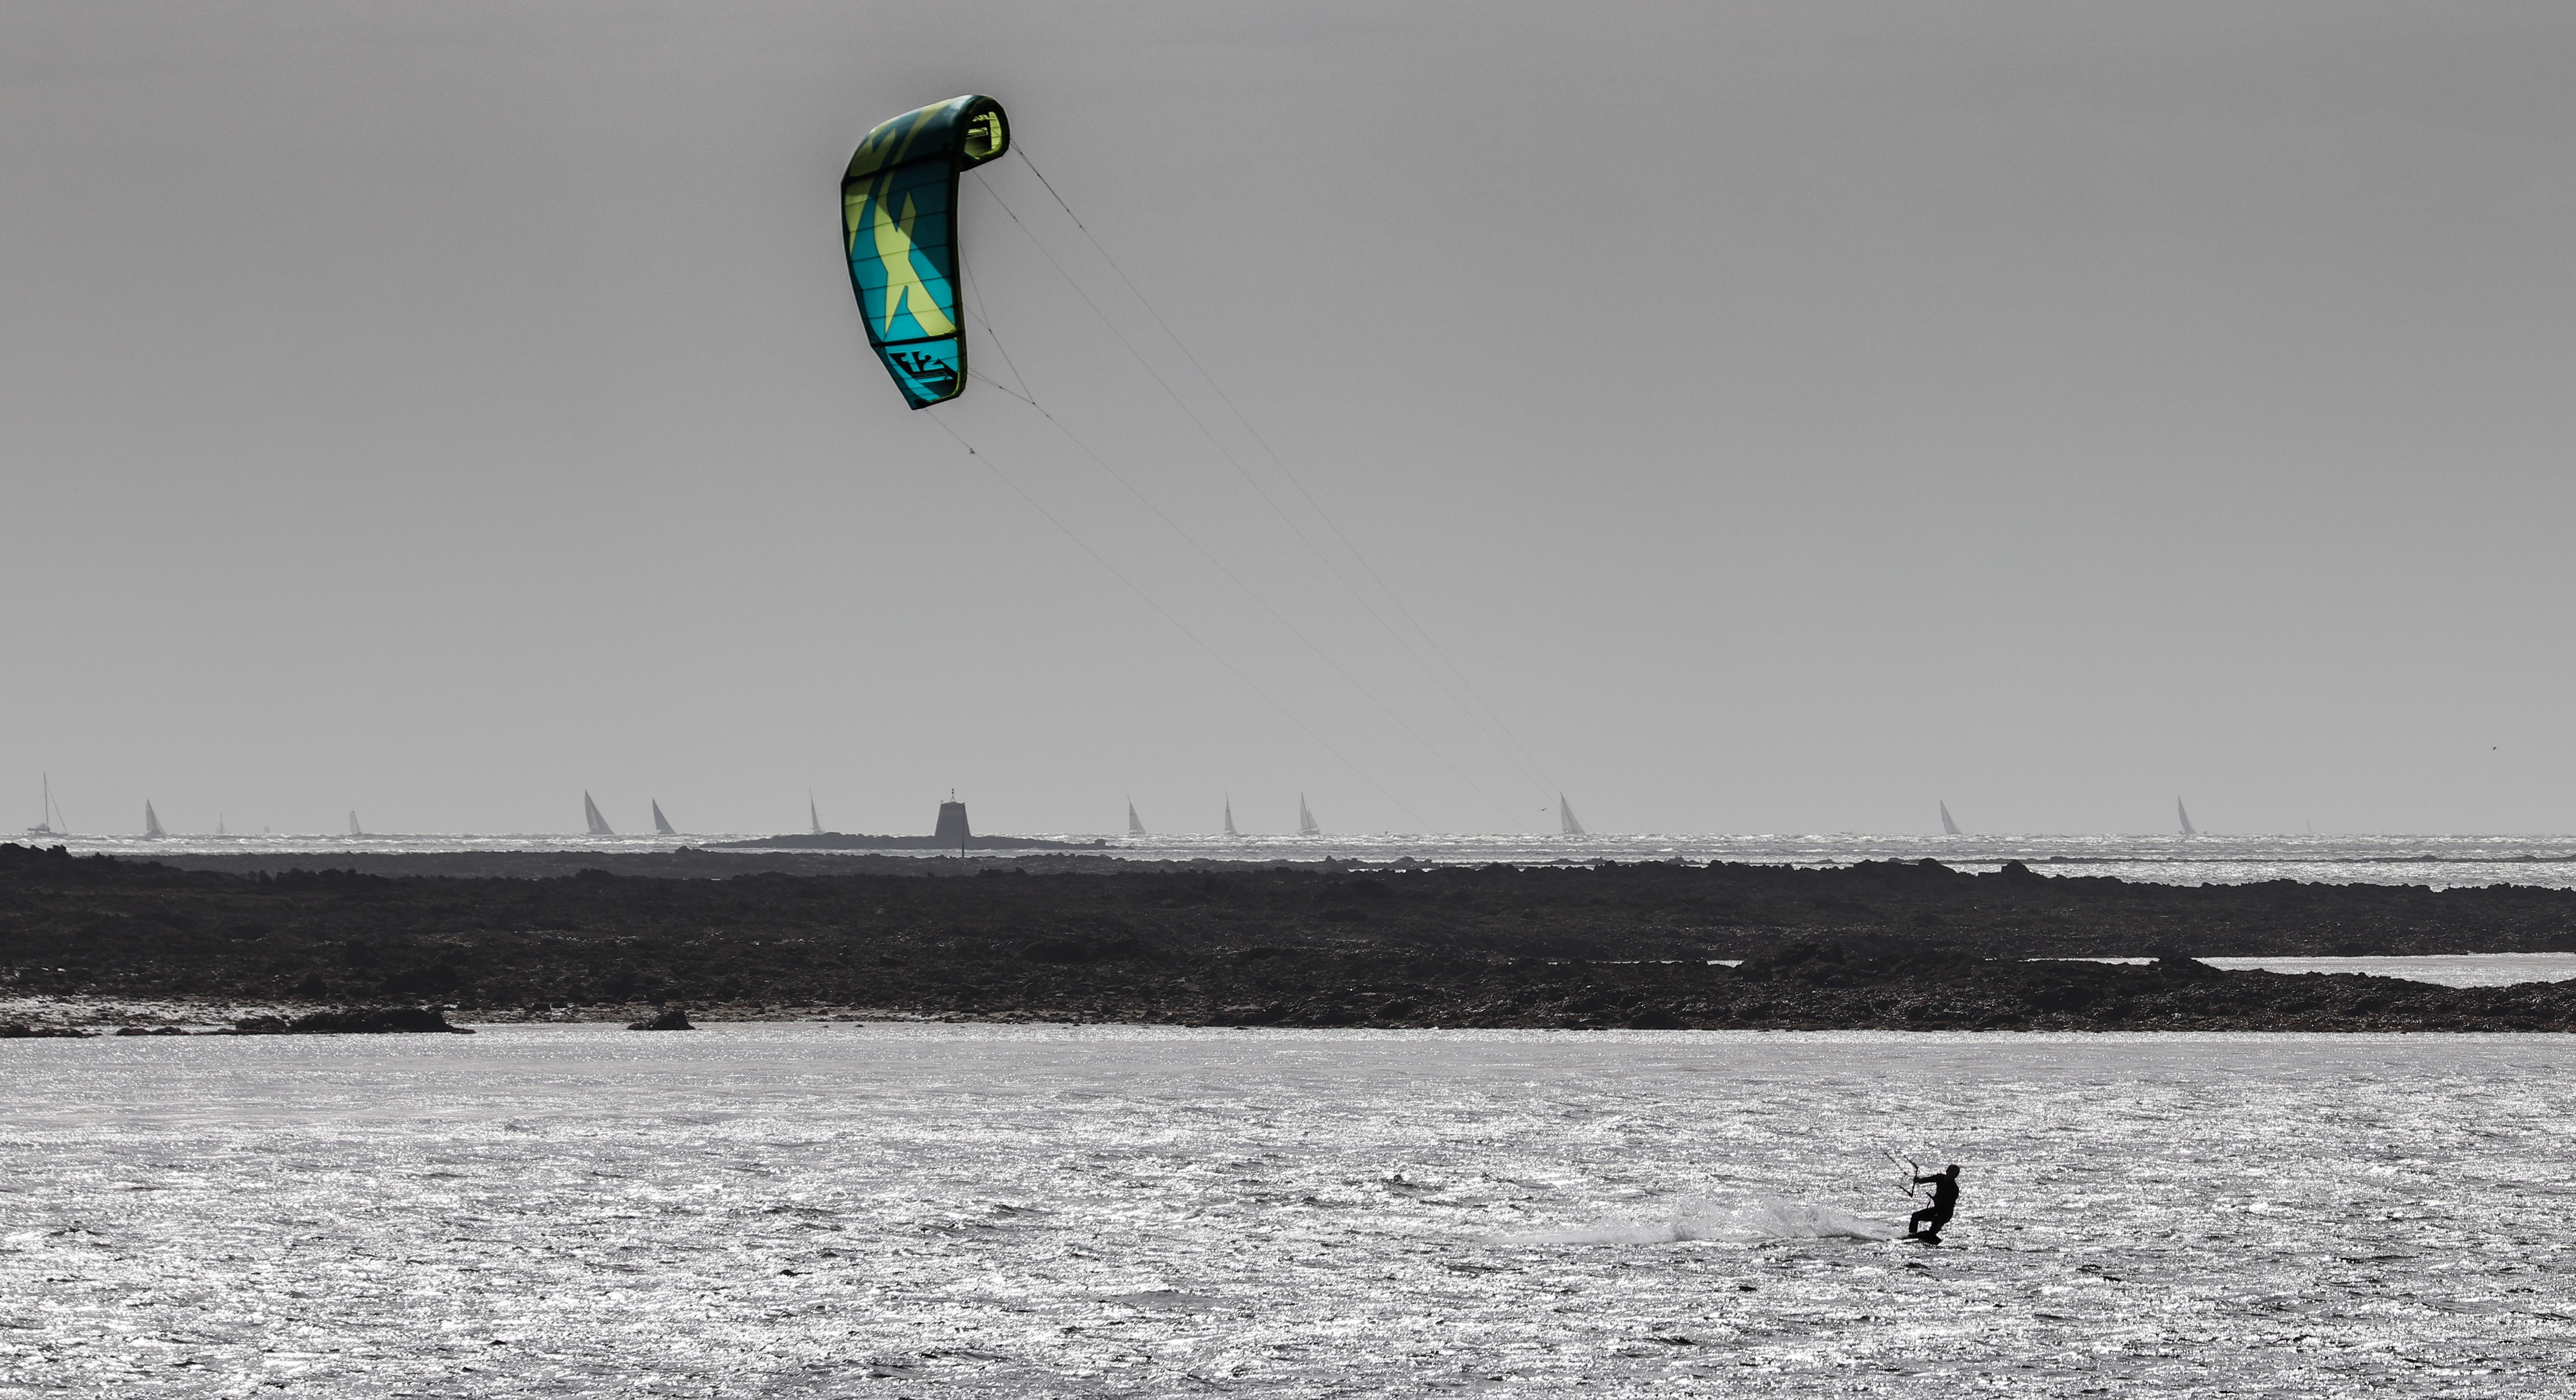 le kite-surfeur, Plage de St Pierre 5, 15 avril 18   (1 sur 1).jpg